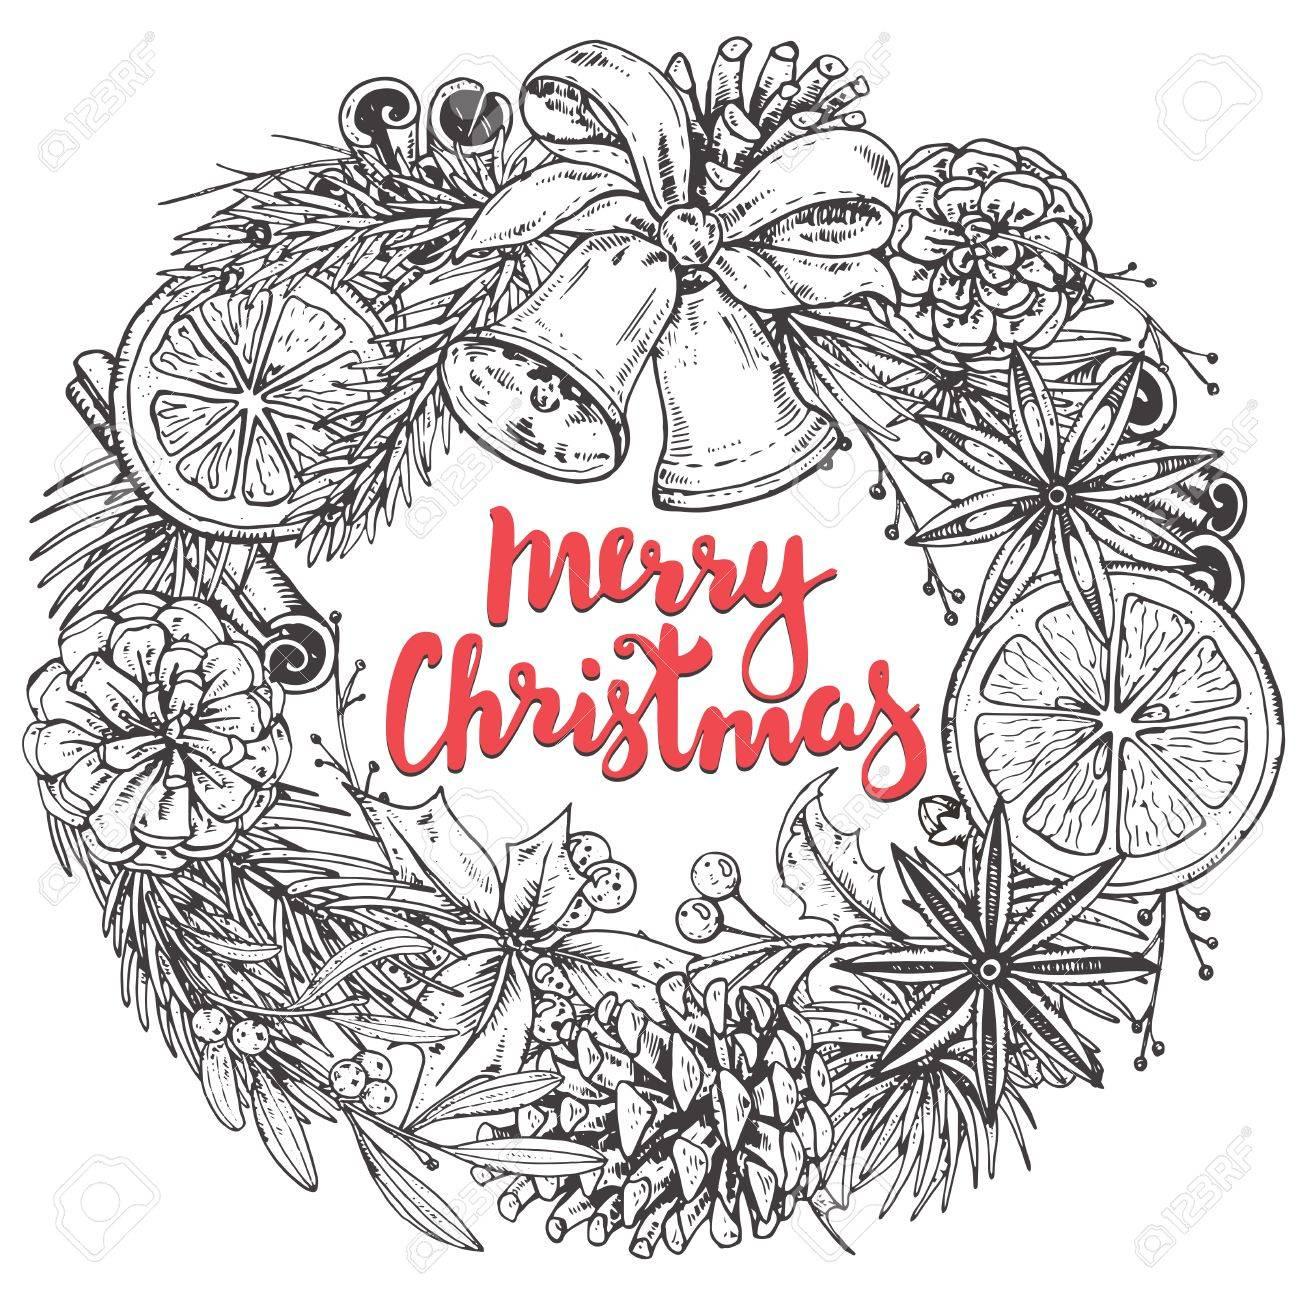 メリー クリスマスと幸せな新年挨拶のカードは手描きの冬の植物、スパイス、鐘。手書き文字で黒と白のベクトル イラスト。クリスマス リース